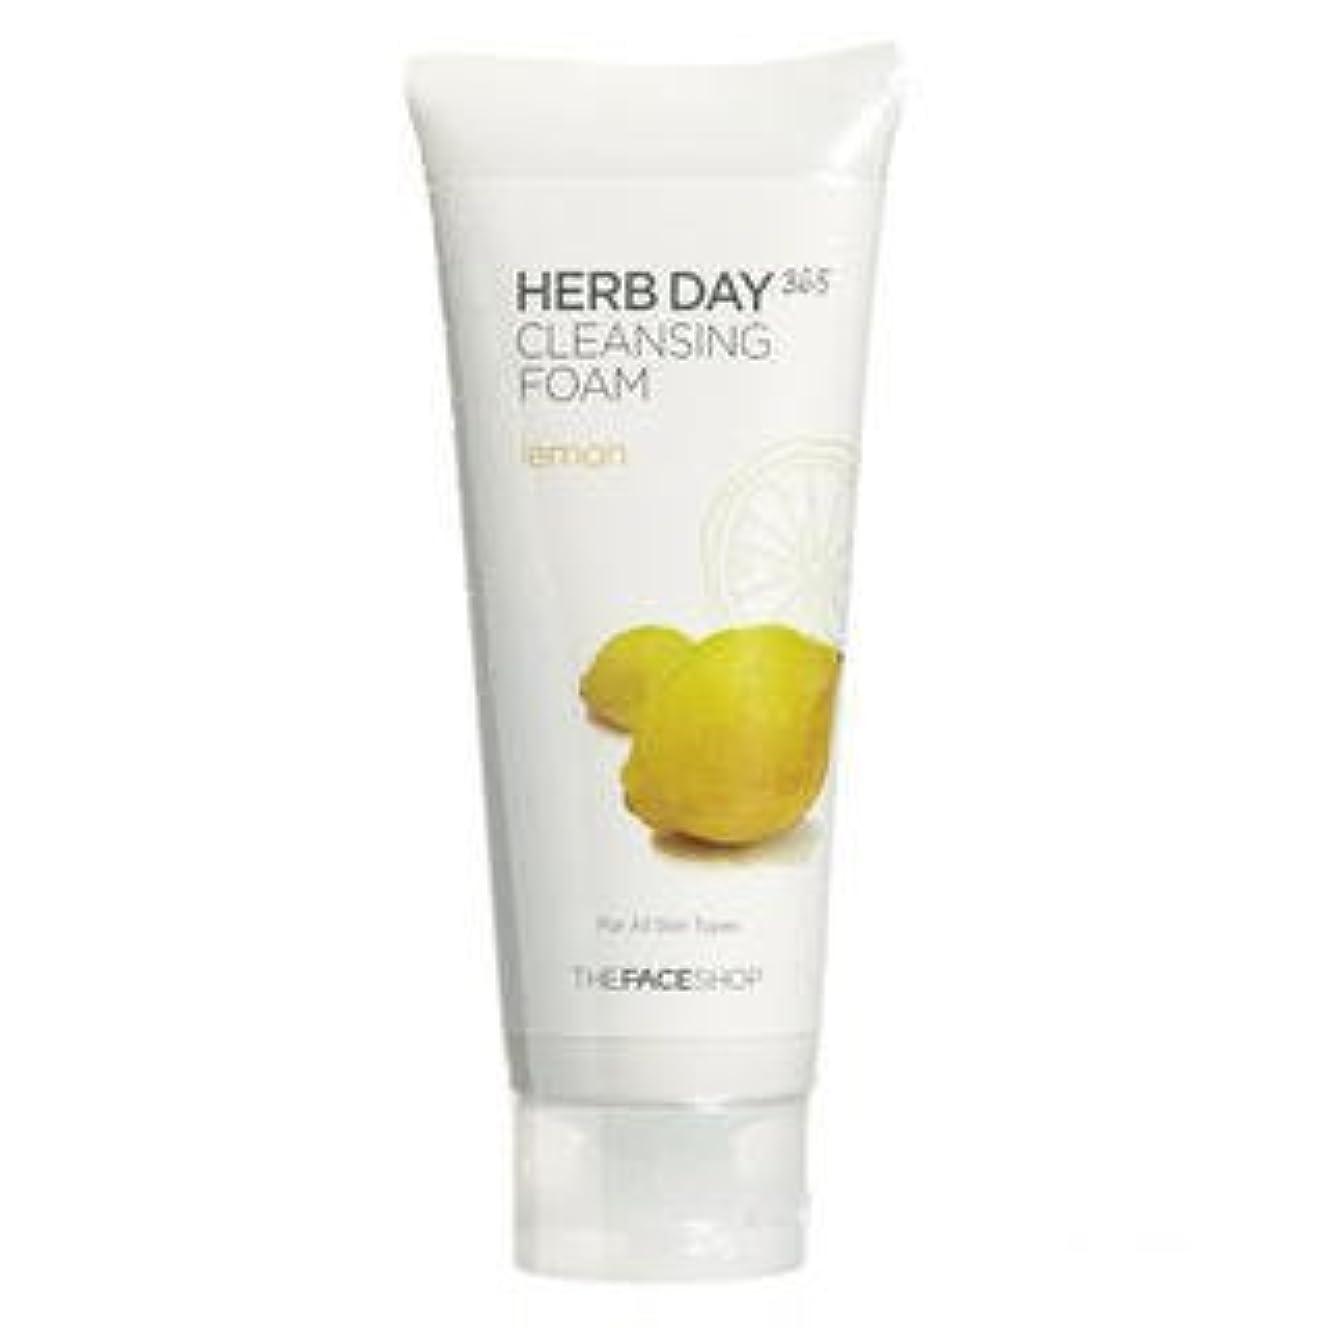 一定焼く宿泊The Face Shop - Herb Day Cleansing Cleansing Foam (Lemon)170ml /Made in Korea